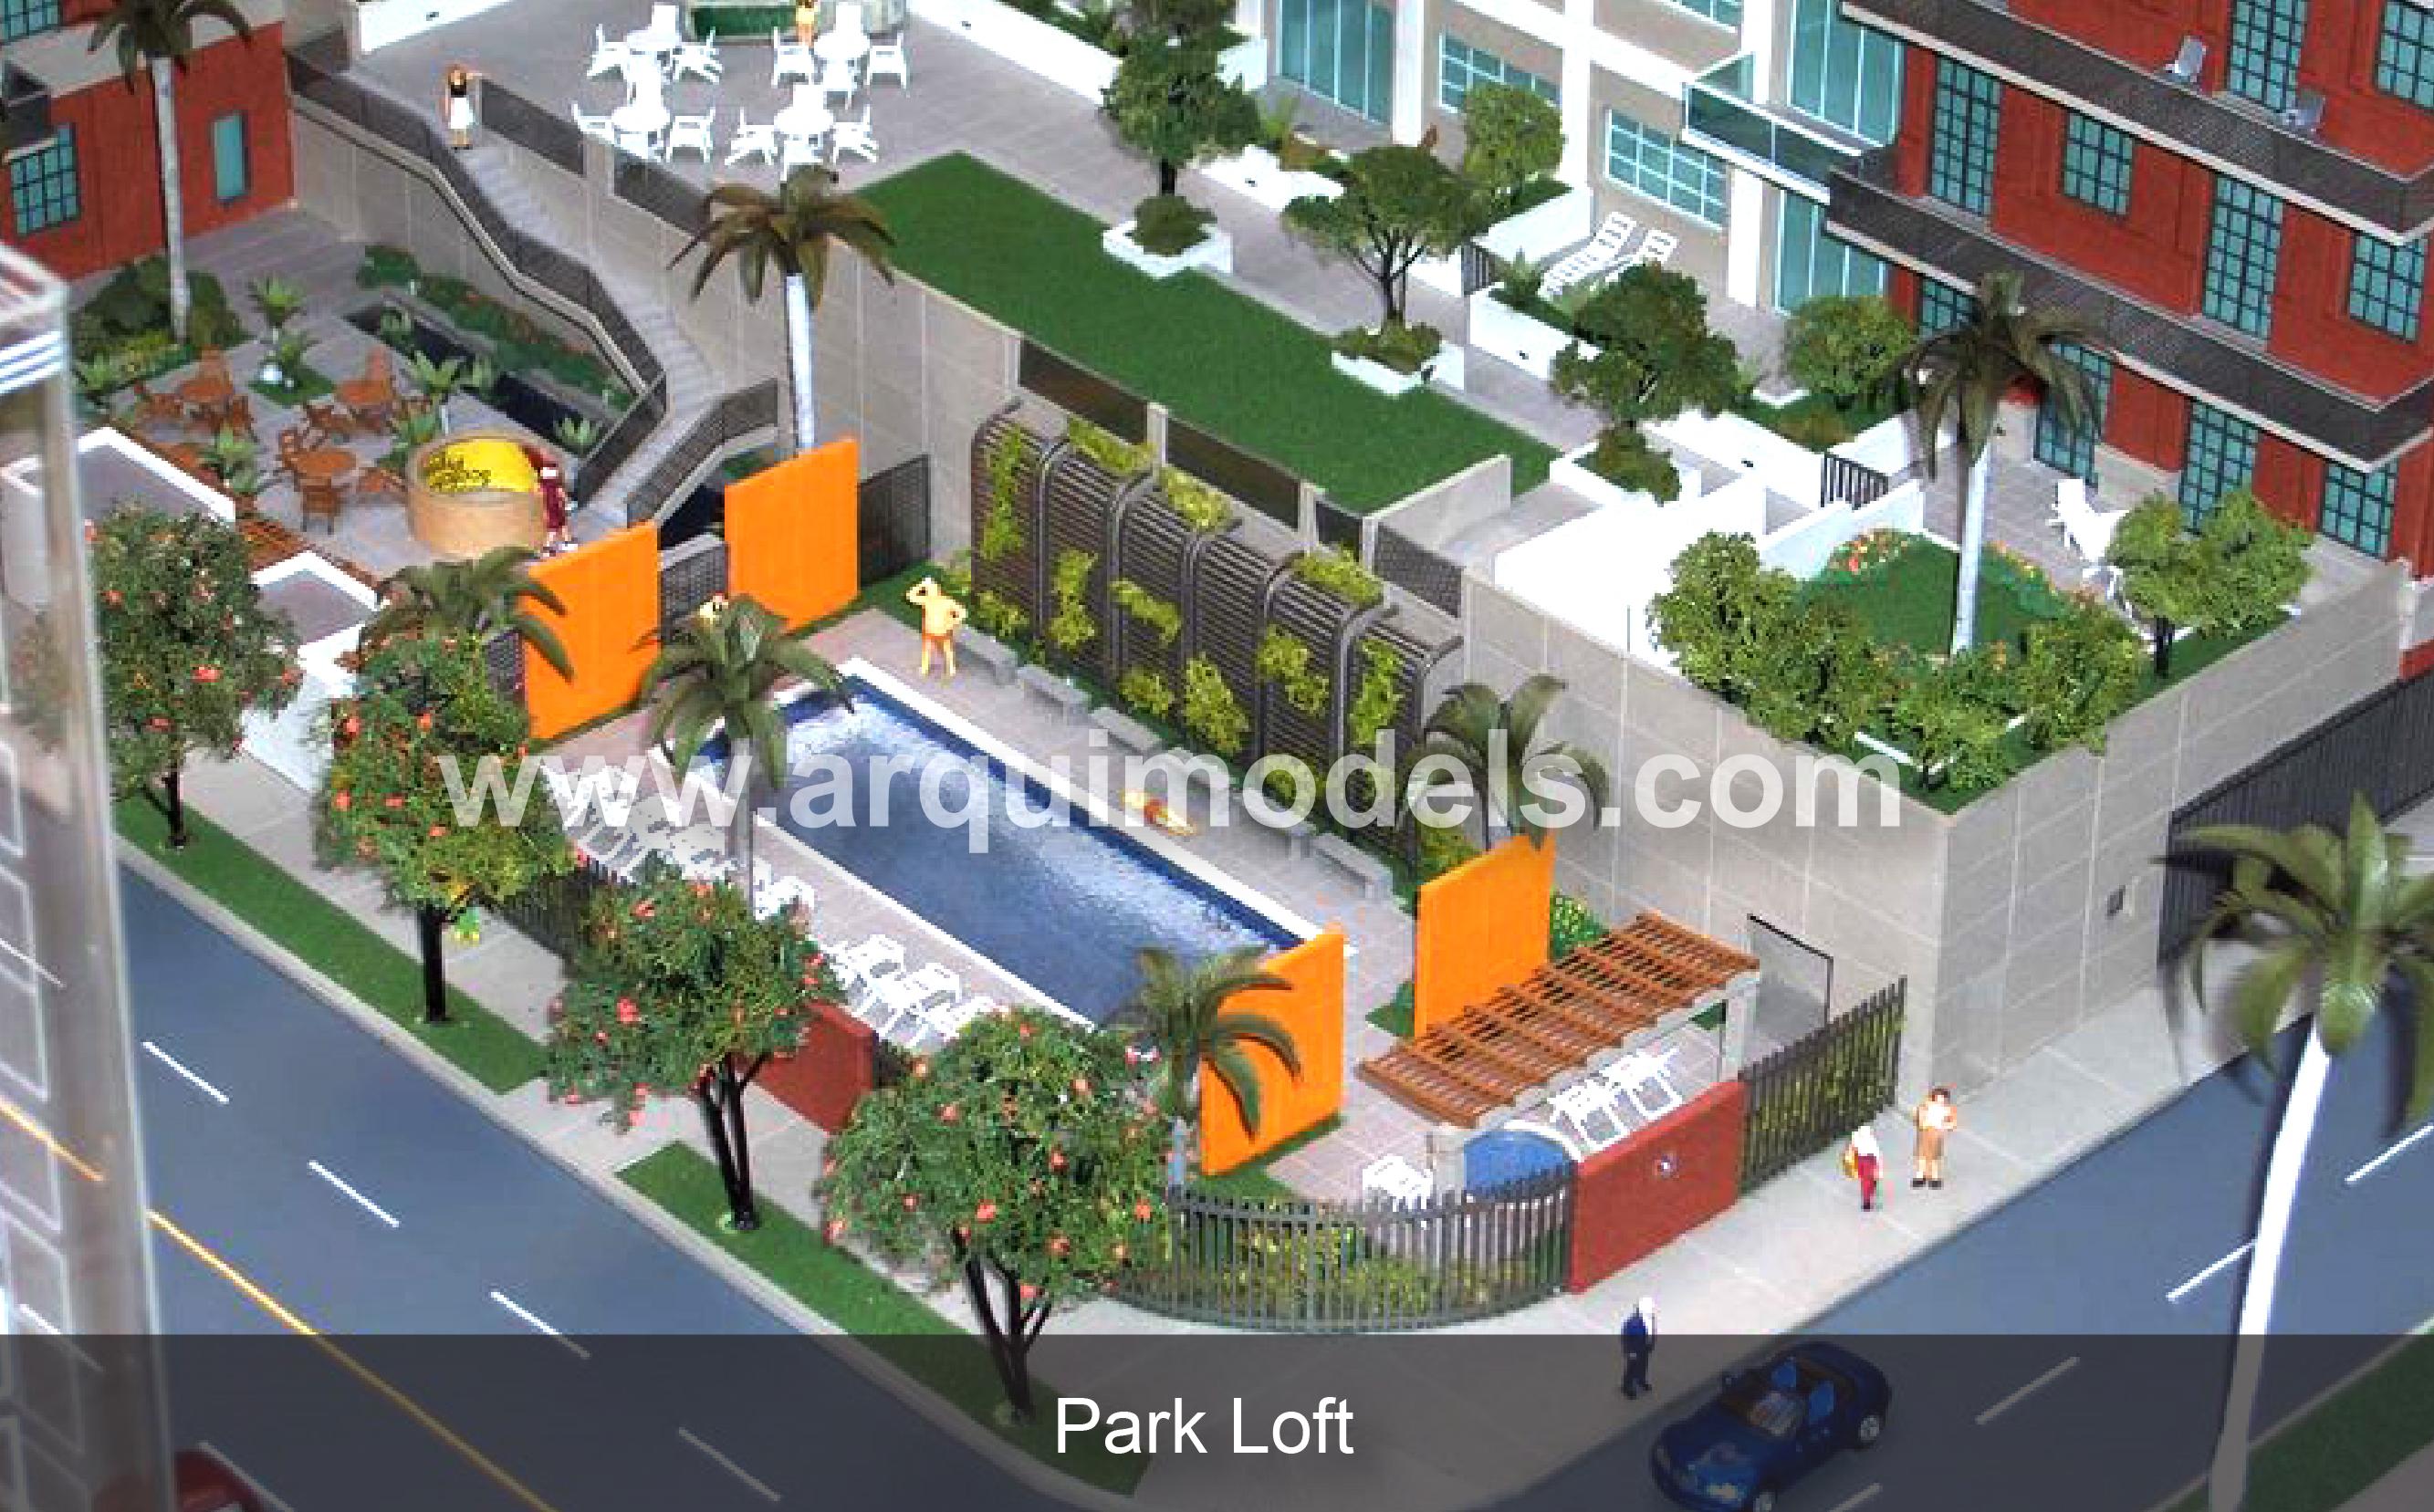 Park Loft